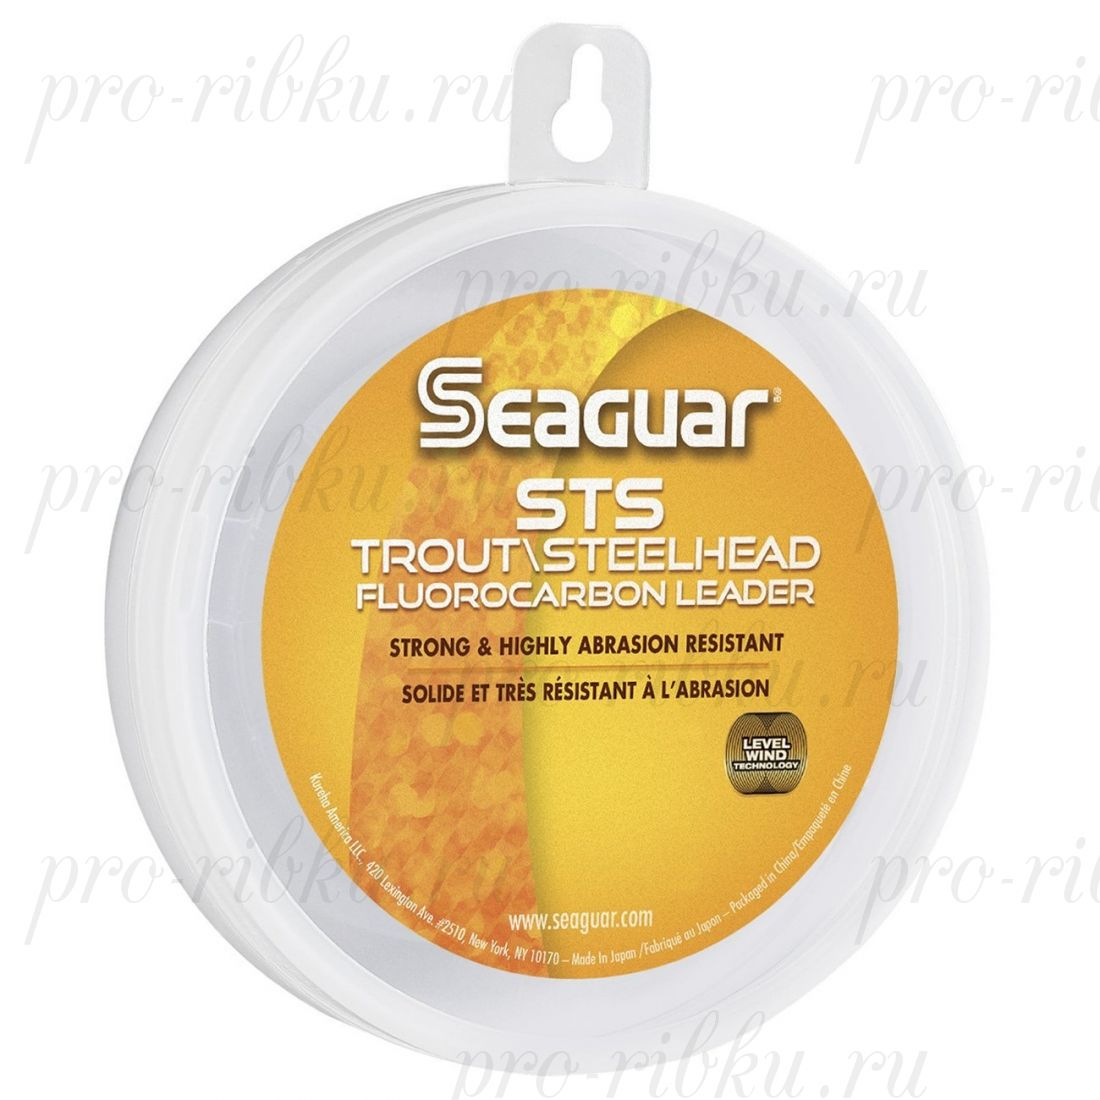 Поводковый материал из флюорокарбона Seaguar STS Salmon & Trout/Steelhead 0,260 мм 10 lb/4,5 кг; 100 ярдов/91 м.